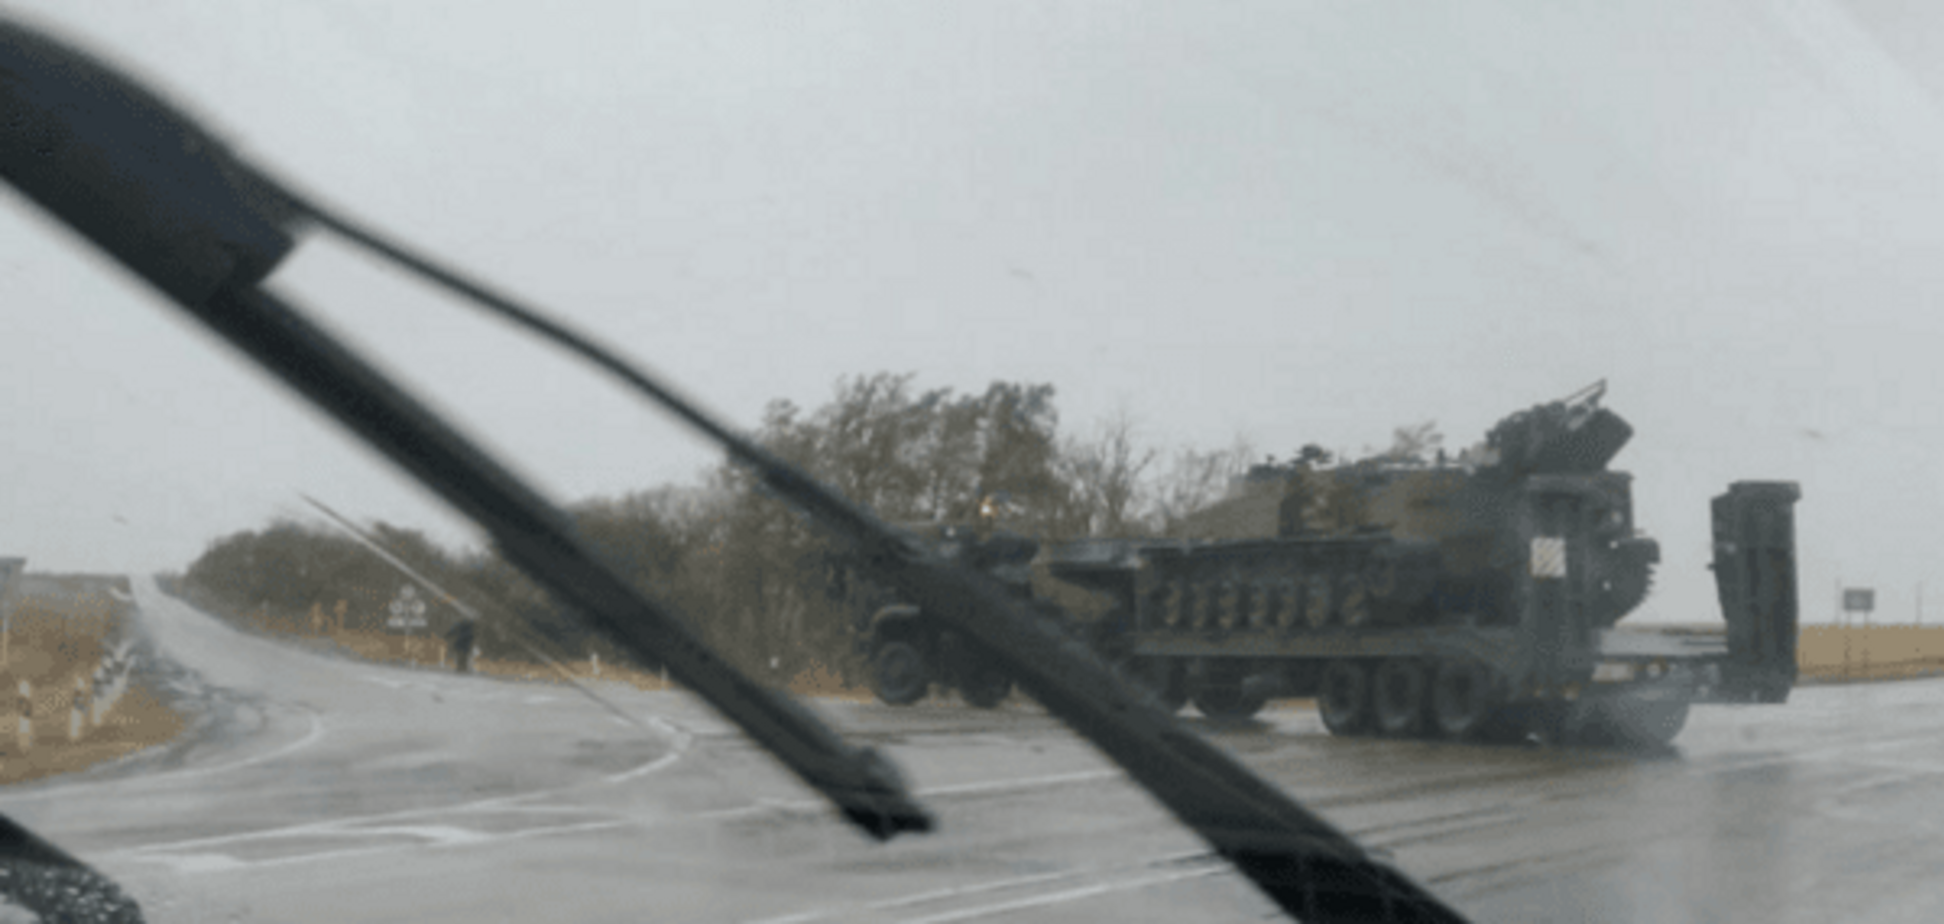 Адвокат Савченко 'засік' на кордоні з Україною військову техніку 'борців із хунтою': фотофакт